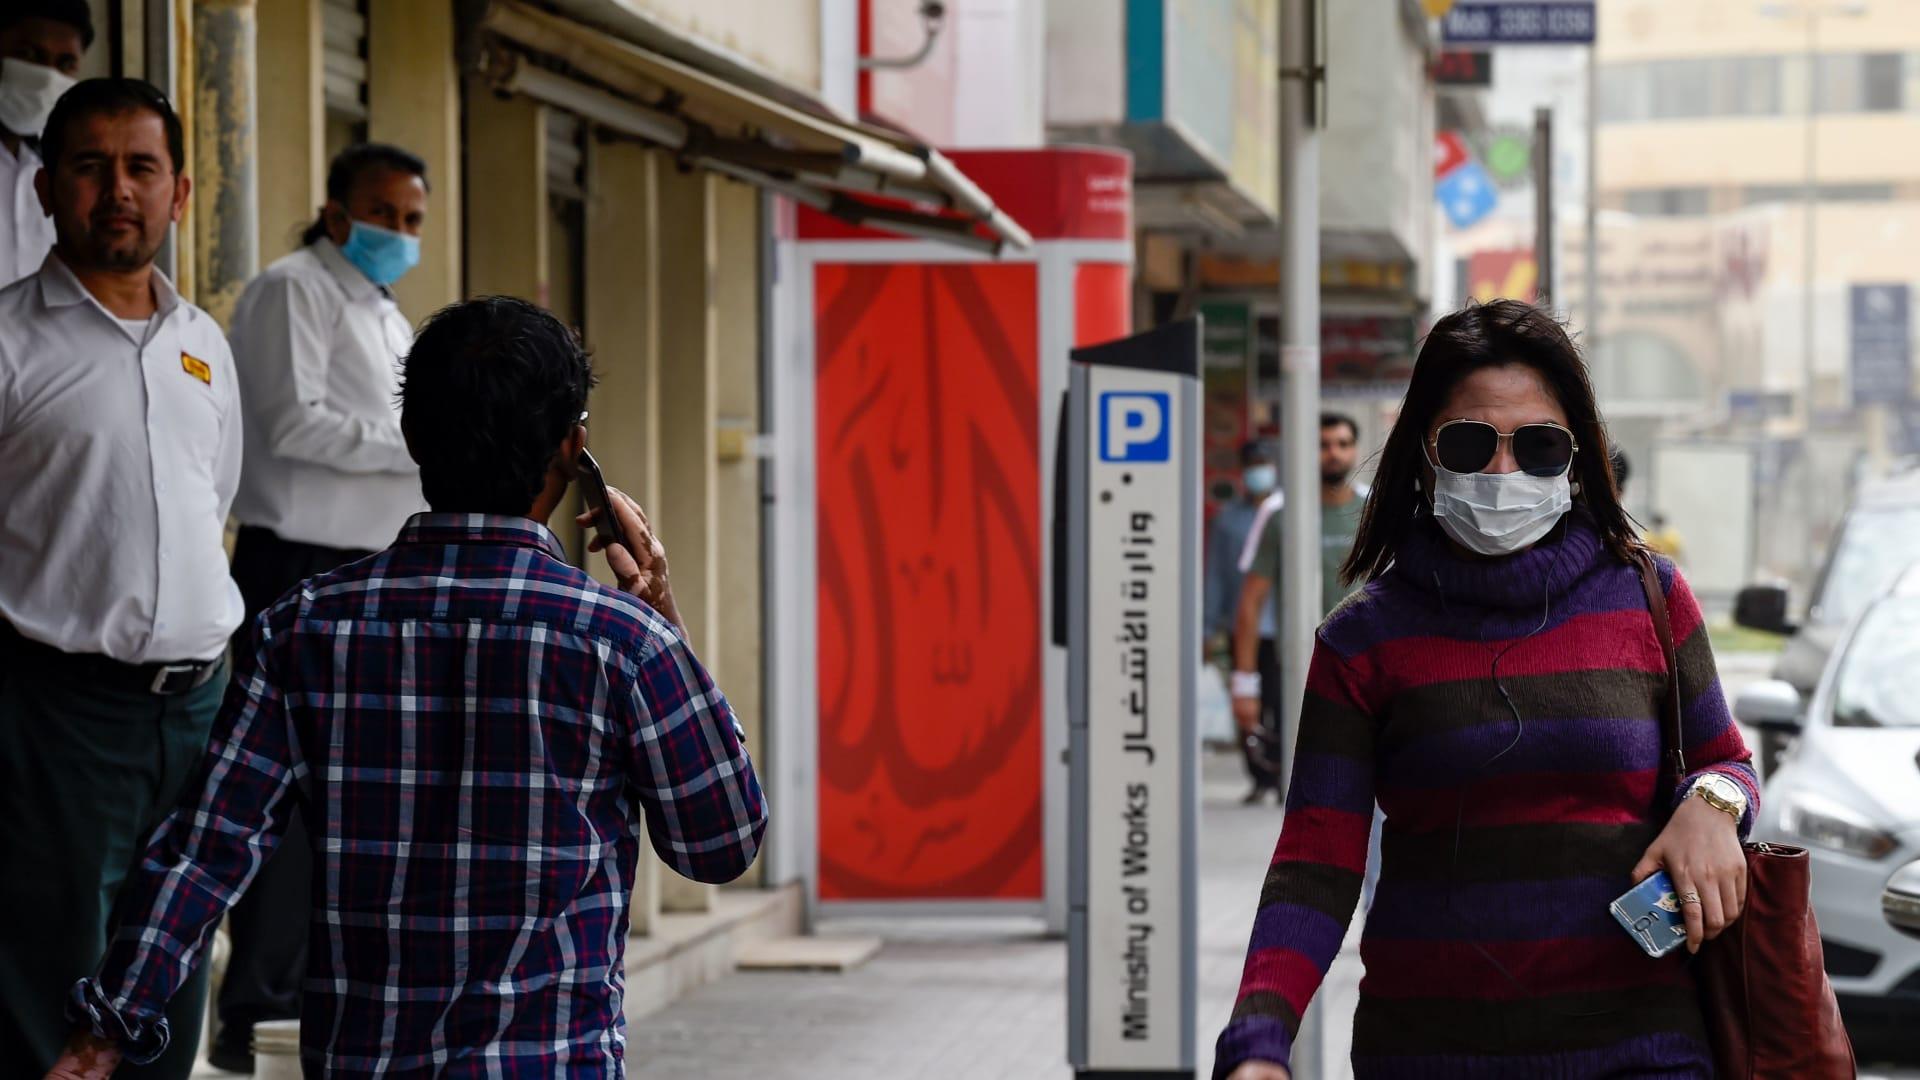 فيروس كورونا في ايران يسبب حالة من عدم اليقين والخوف